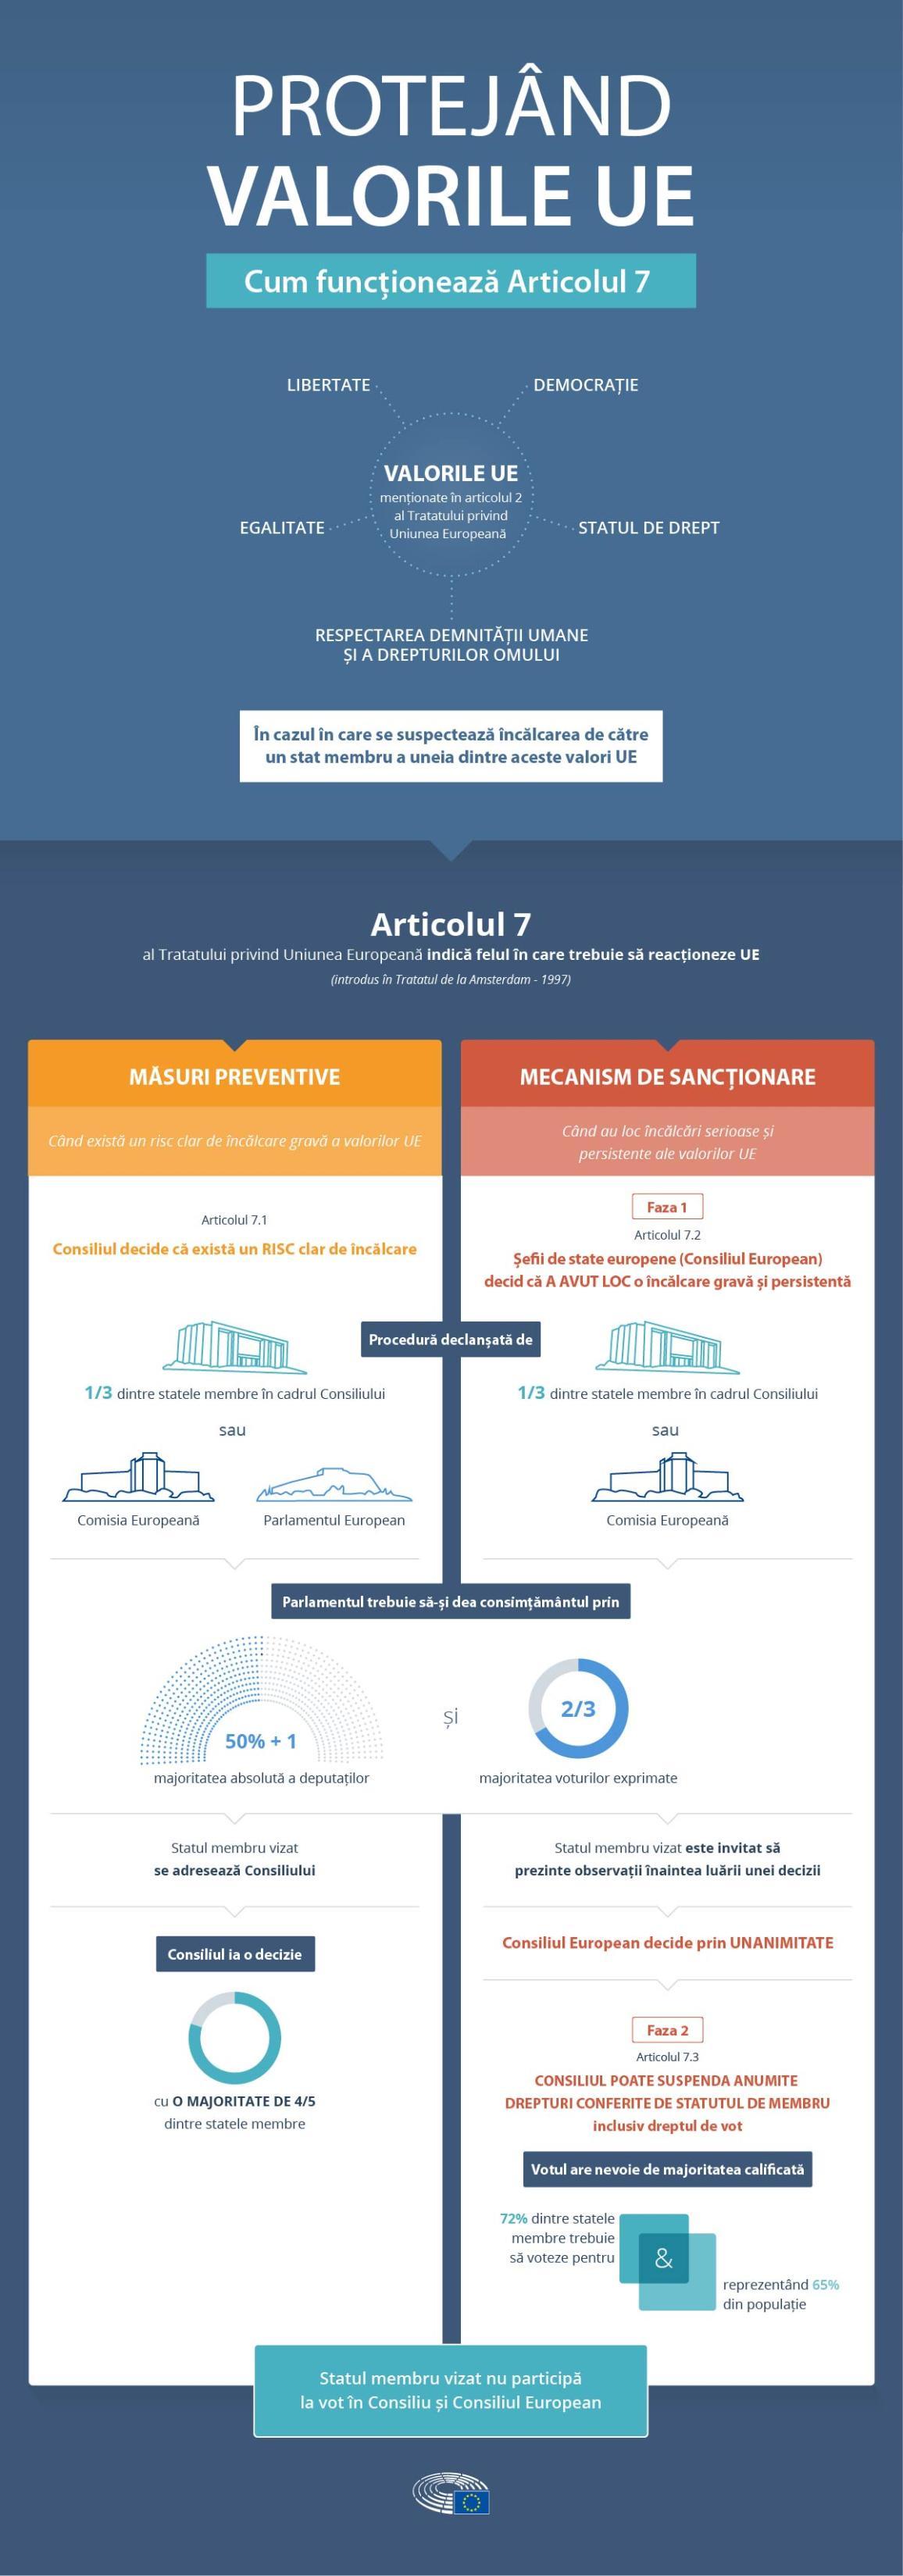 Cum funcționează Articolul 7 din Tratatul UE: infografic.